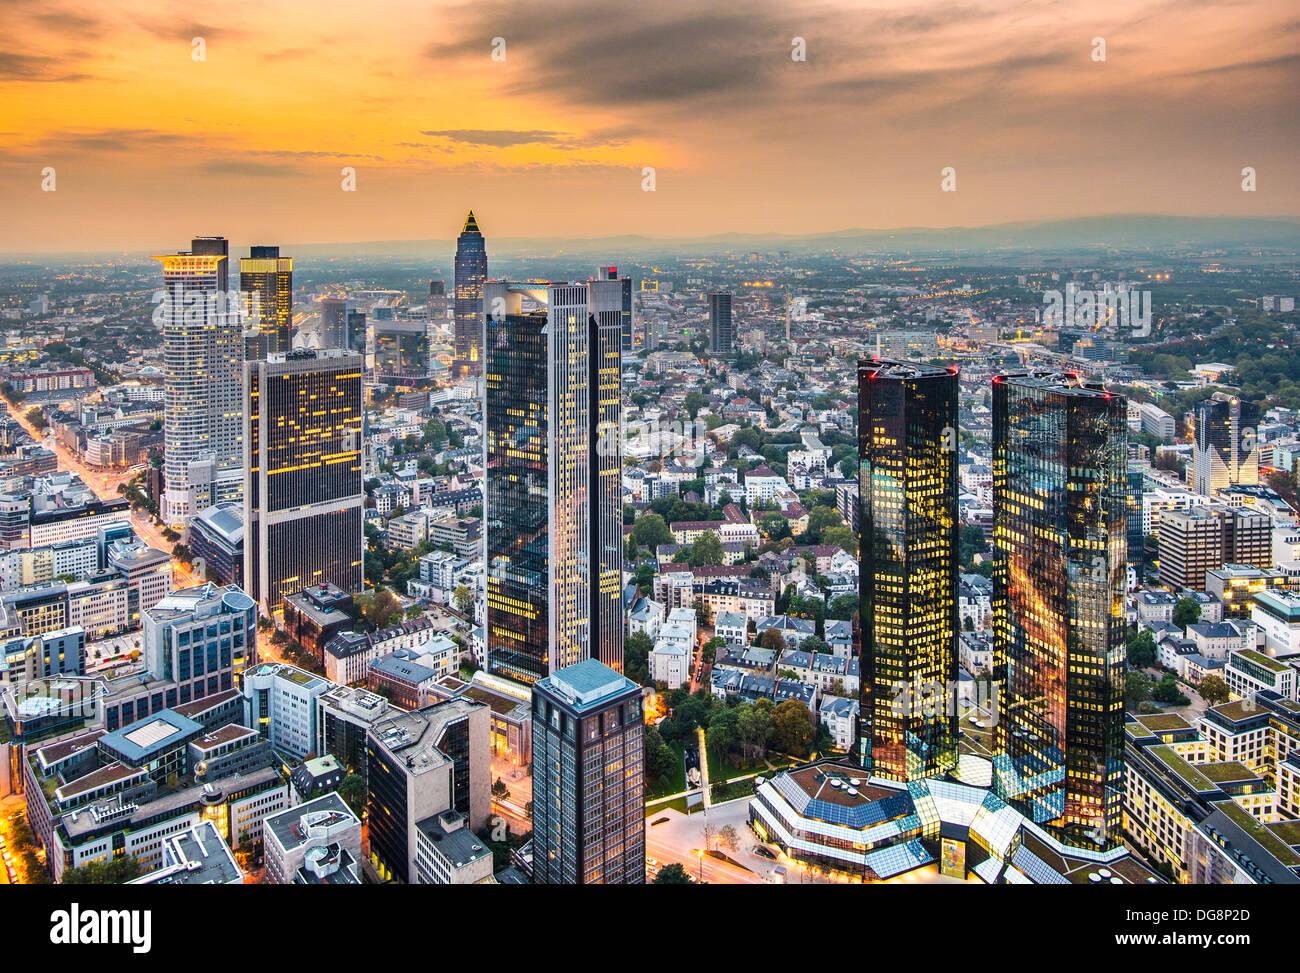 Stadtbild von Frankfurt am Main, das Finanzzentrum des Landes. Stockbild